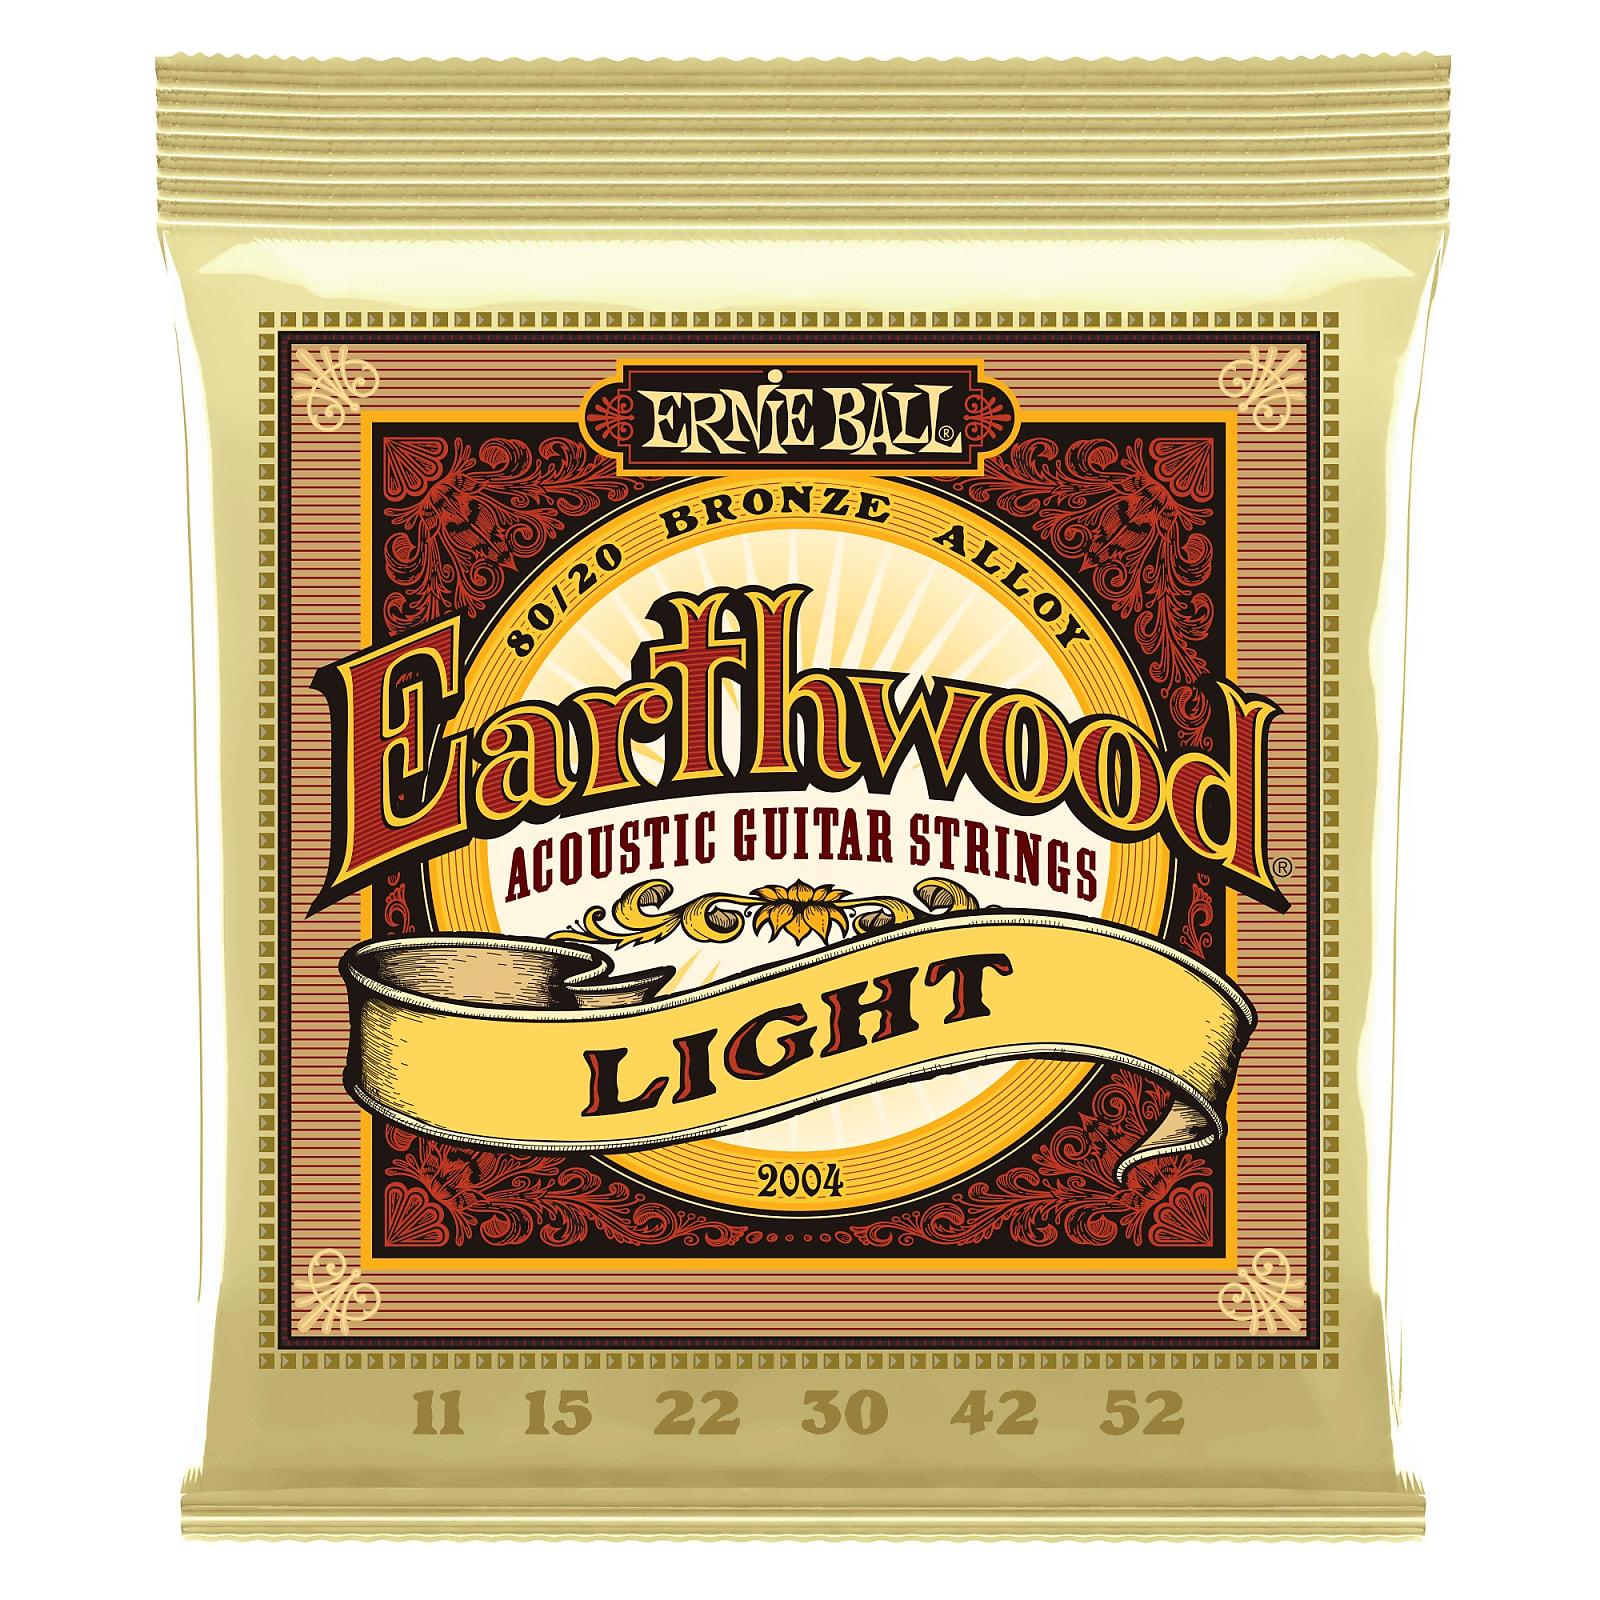 Ernie Ball Earthwood Light 80/20 Bronze Acoustic Guitar Strings - 11-52 Gauge